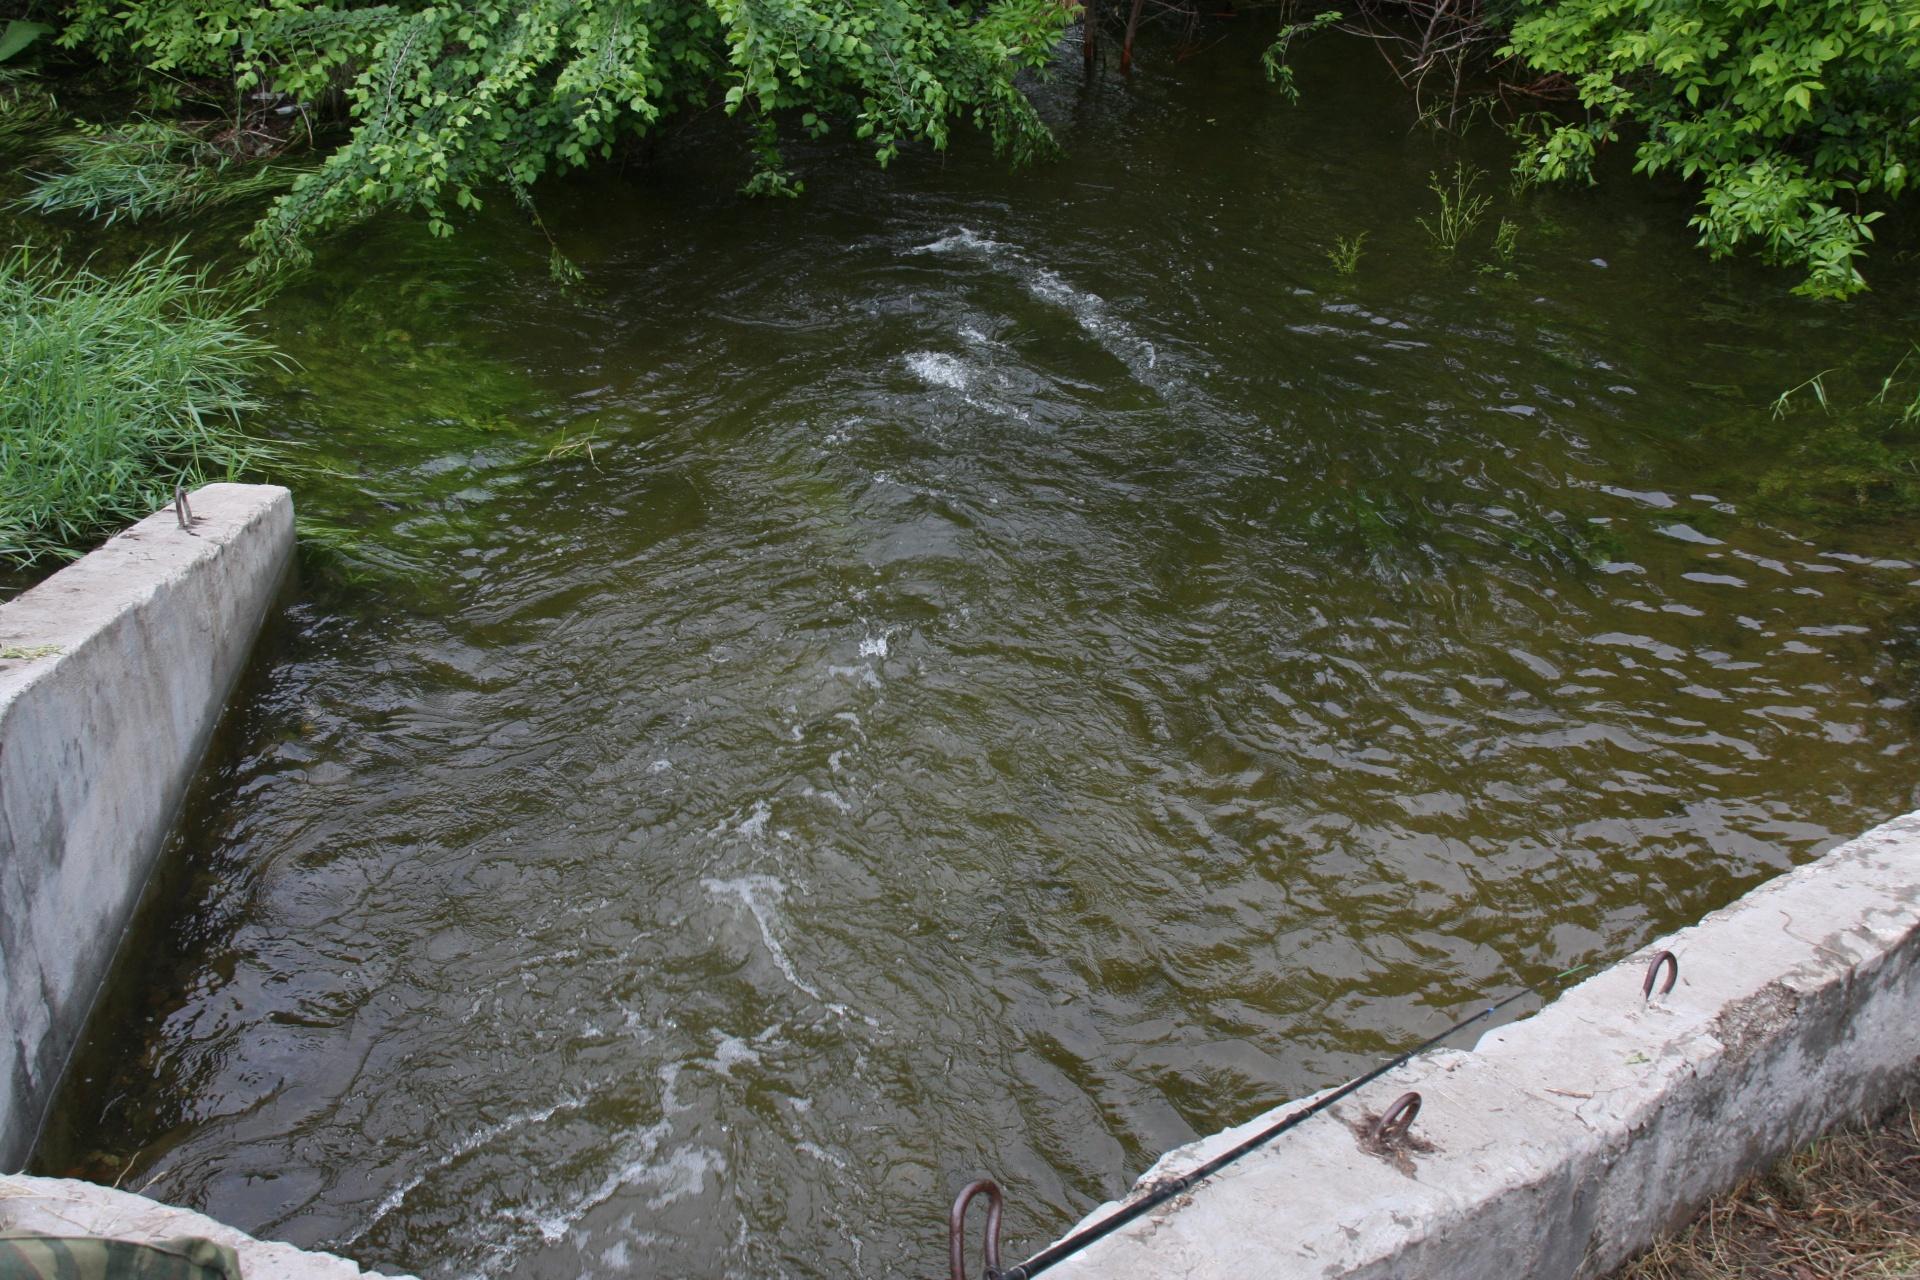 ВВолгоградской области нанеделю продлят повышенный сброс воды через Волжскую ГЭС